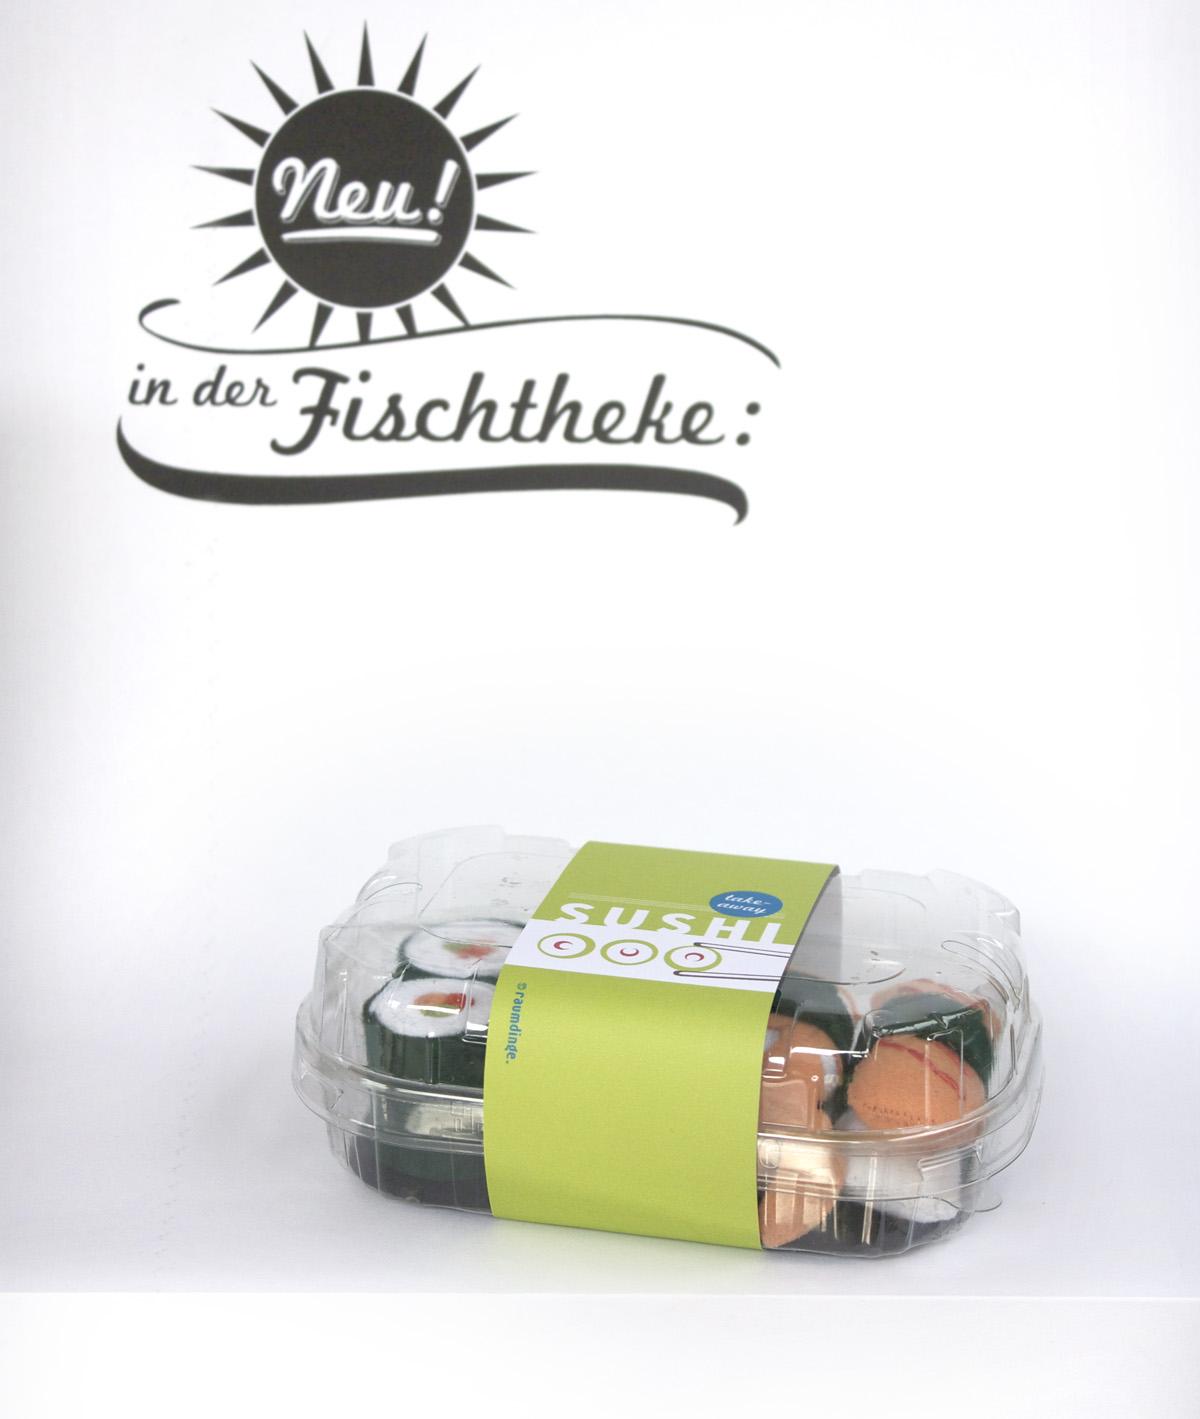 Raumdinge Kaufladenzubehör Selber Machen Nr 7 Sushi Aus Filz